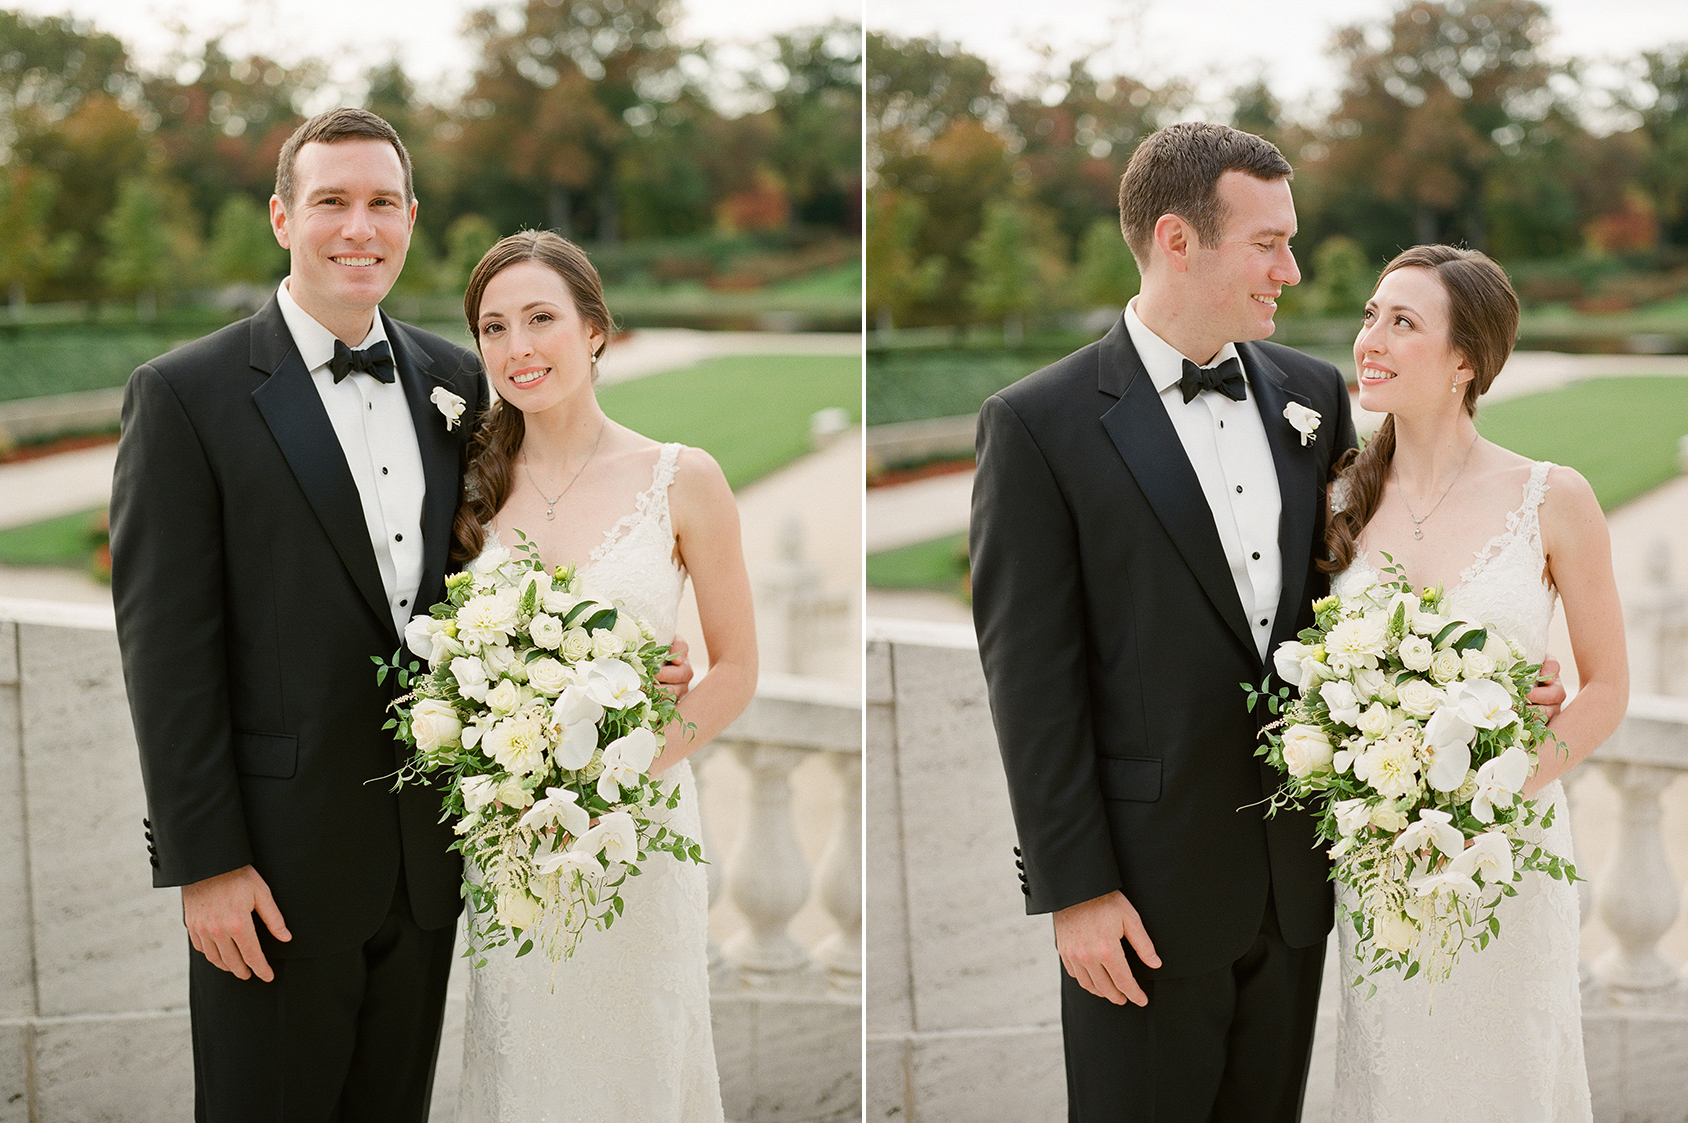 Nemours-Delaware-Art-Museum-Fall-Film-Wedding-Photographer-036.jpg